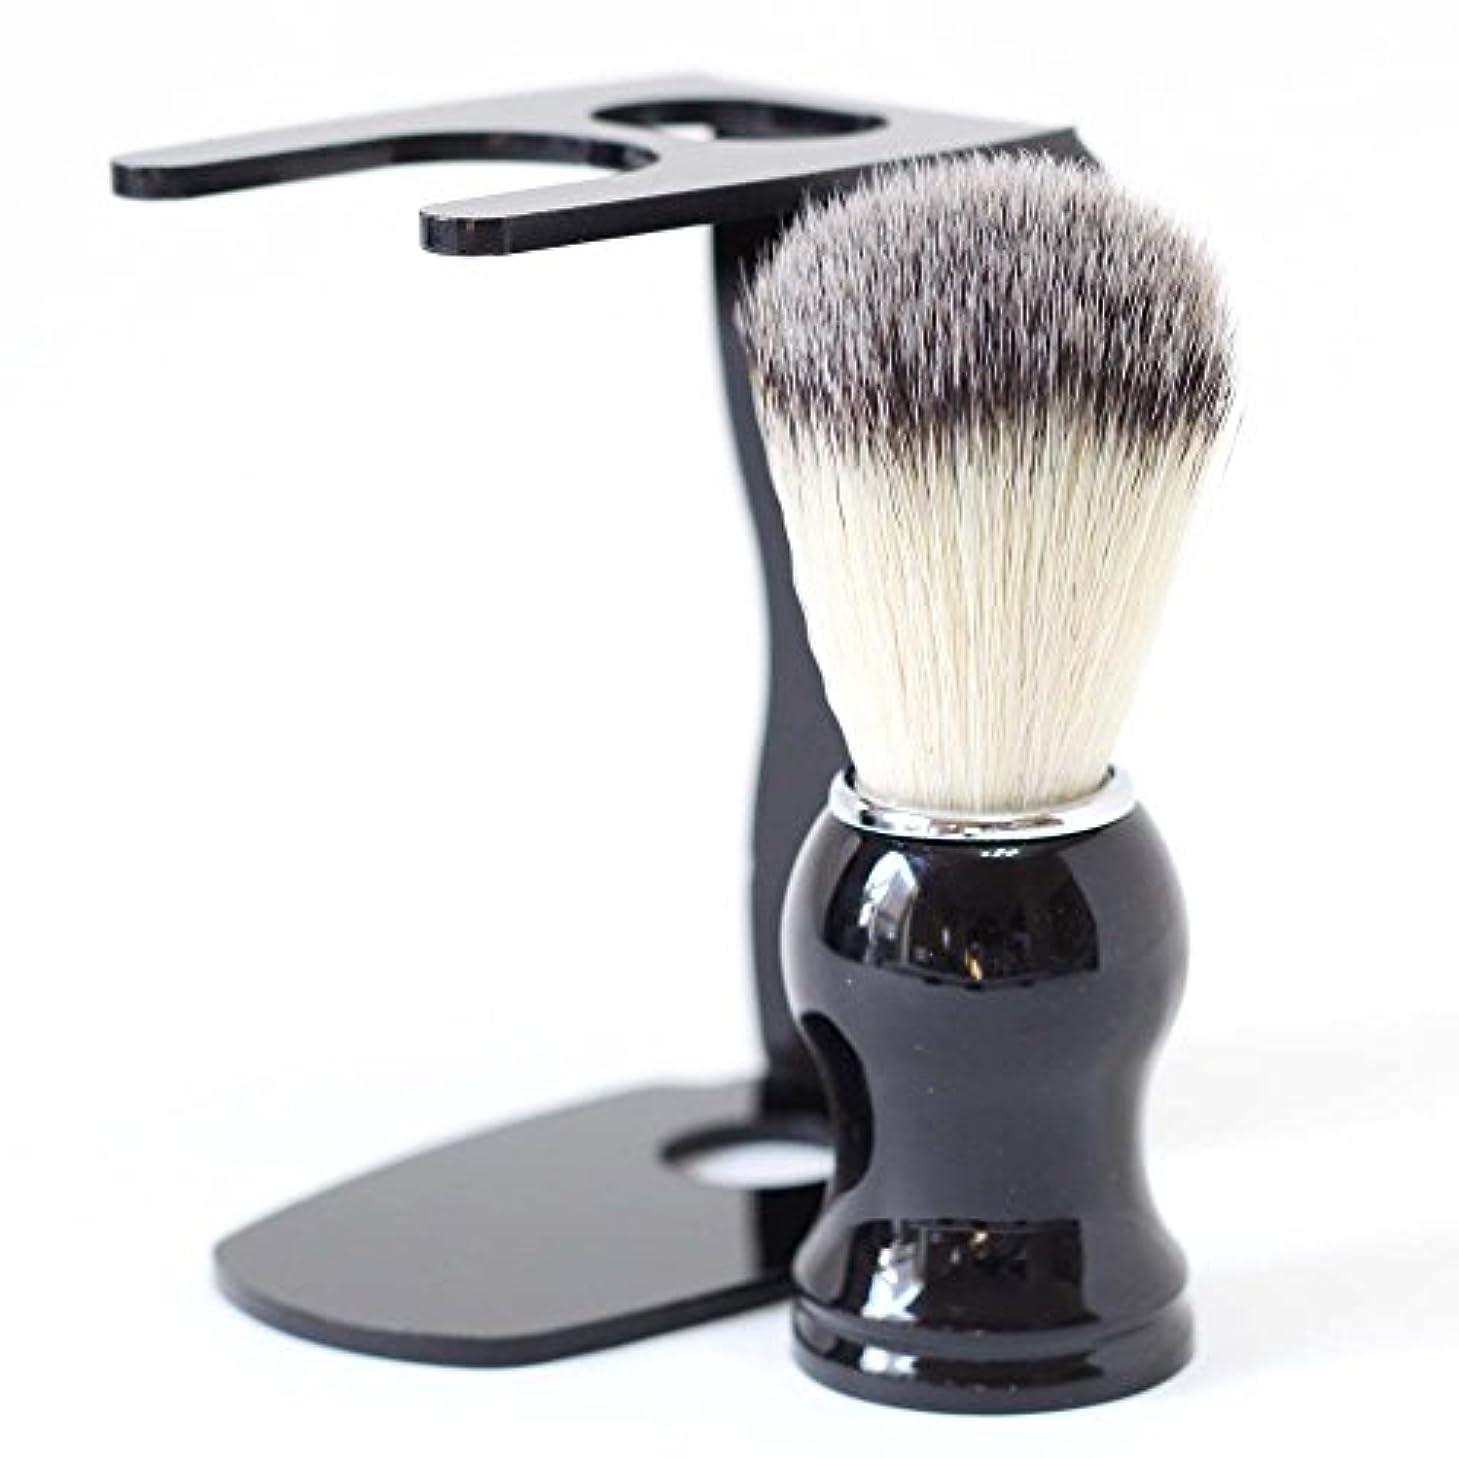 部門見込み桃【Barsado】泡立ちが違う 100% アナグマ 毛 シェービング ブラシ スタンド付き/理容 洗顔 髭剃り マッサージ 効果